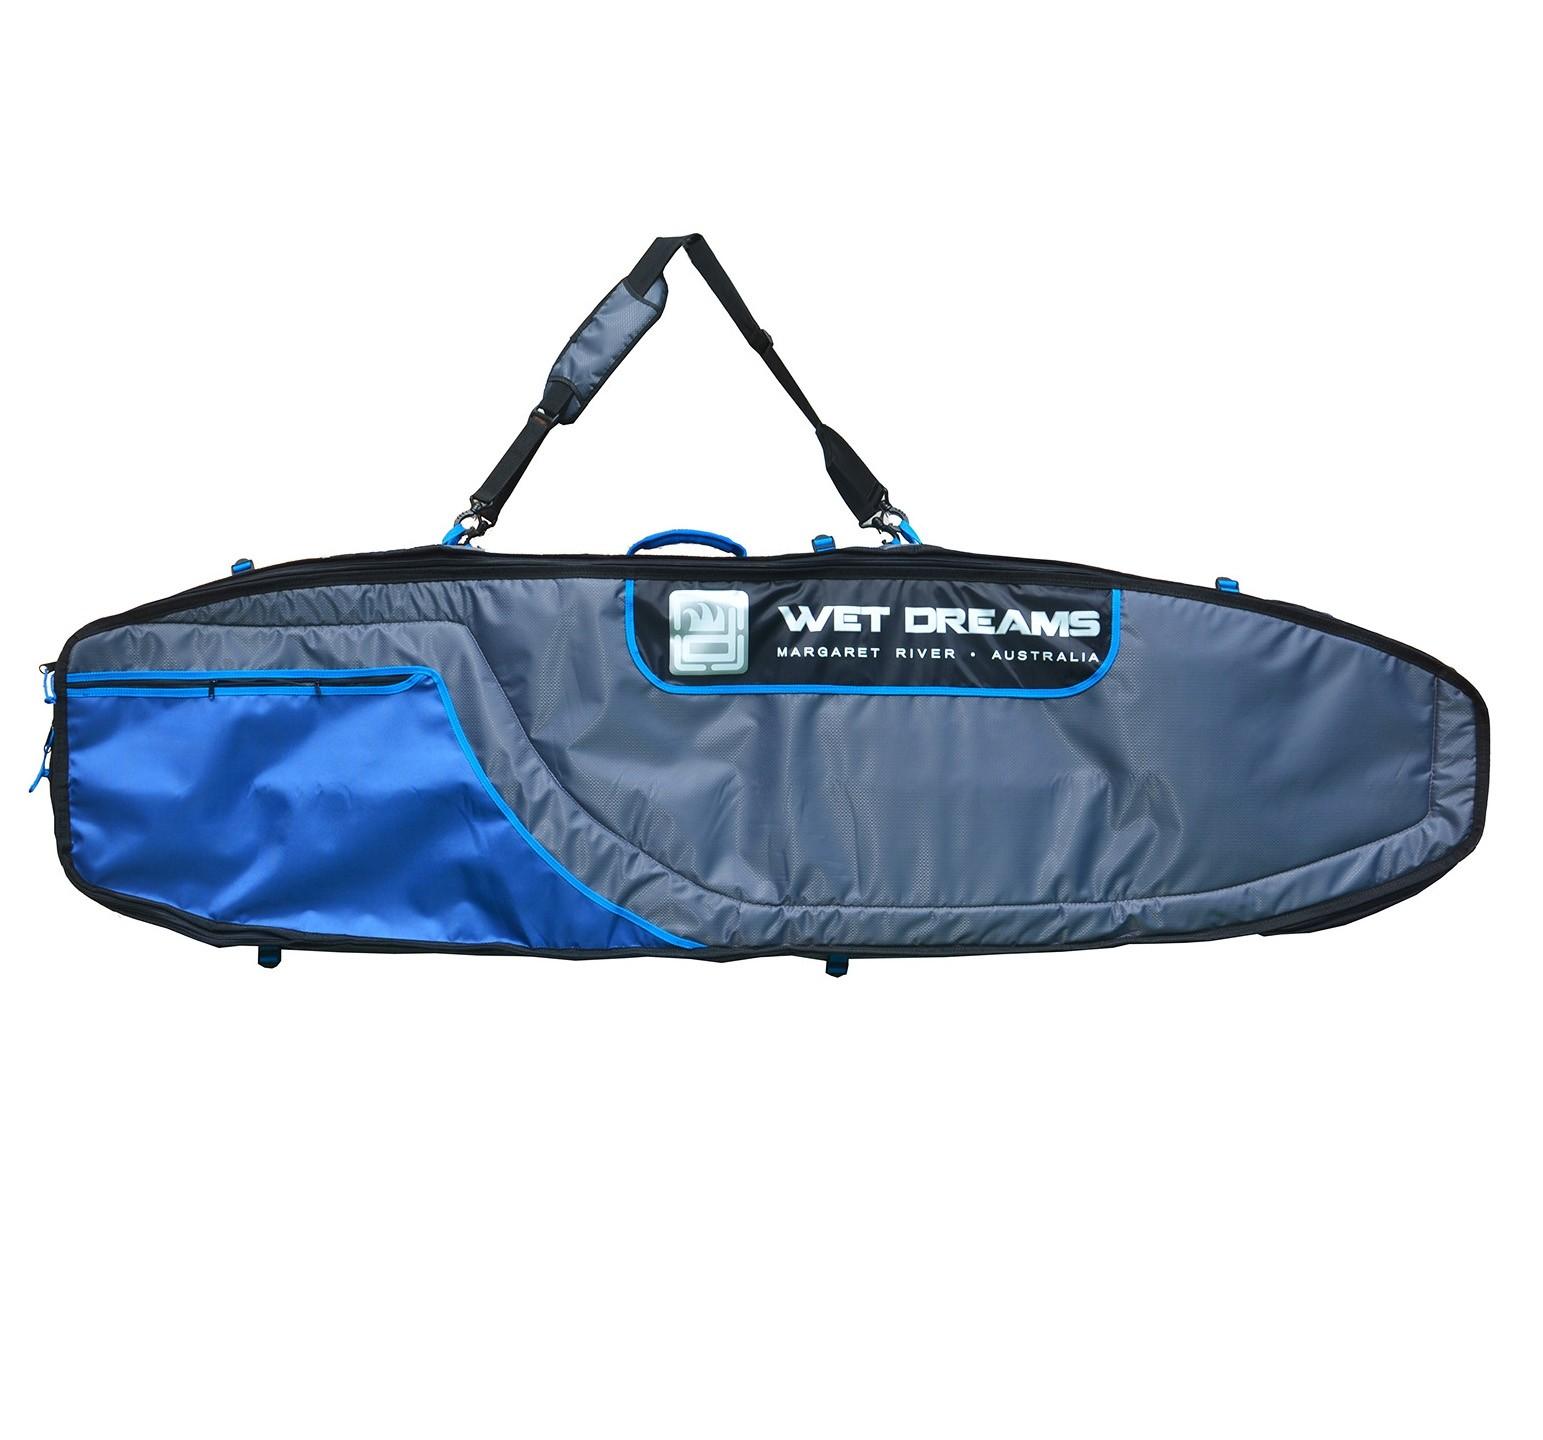 Sarcófago para 3 pranchas de Surf 6'6'' - 2,00m - Wet Dreams | Prancharia